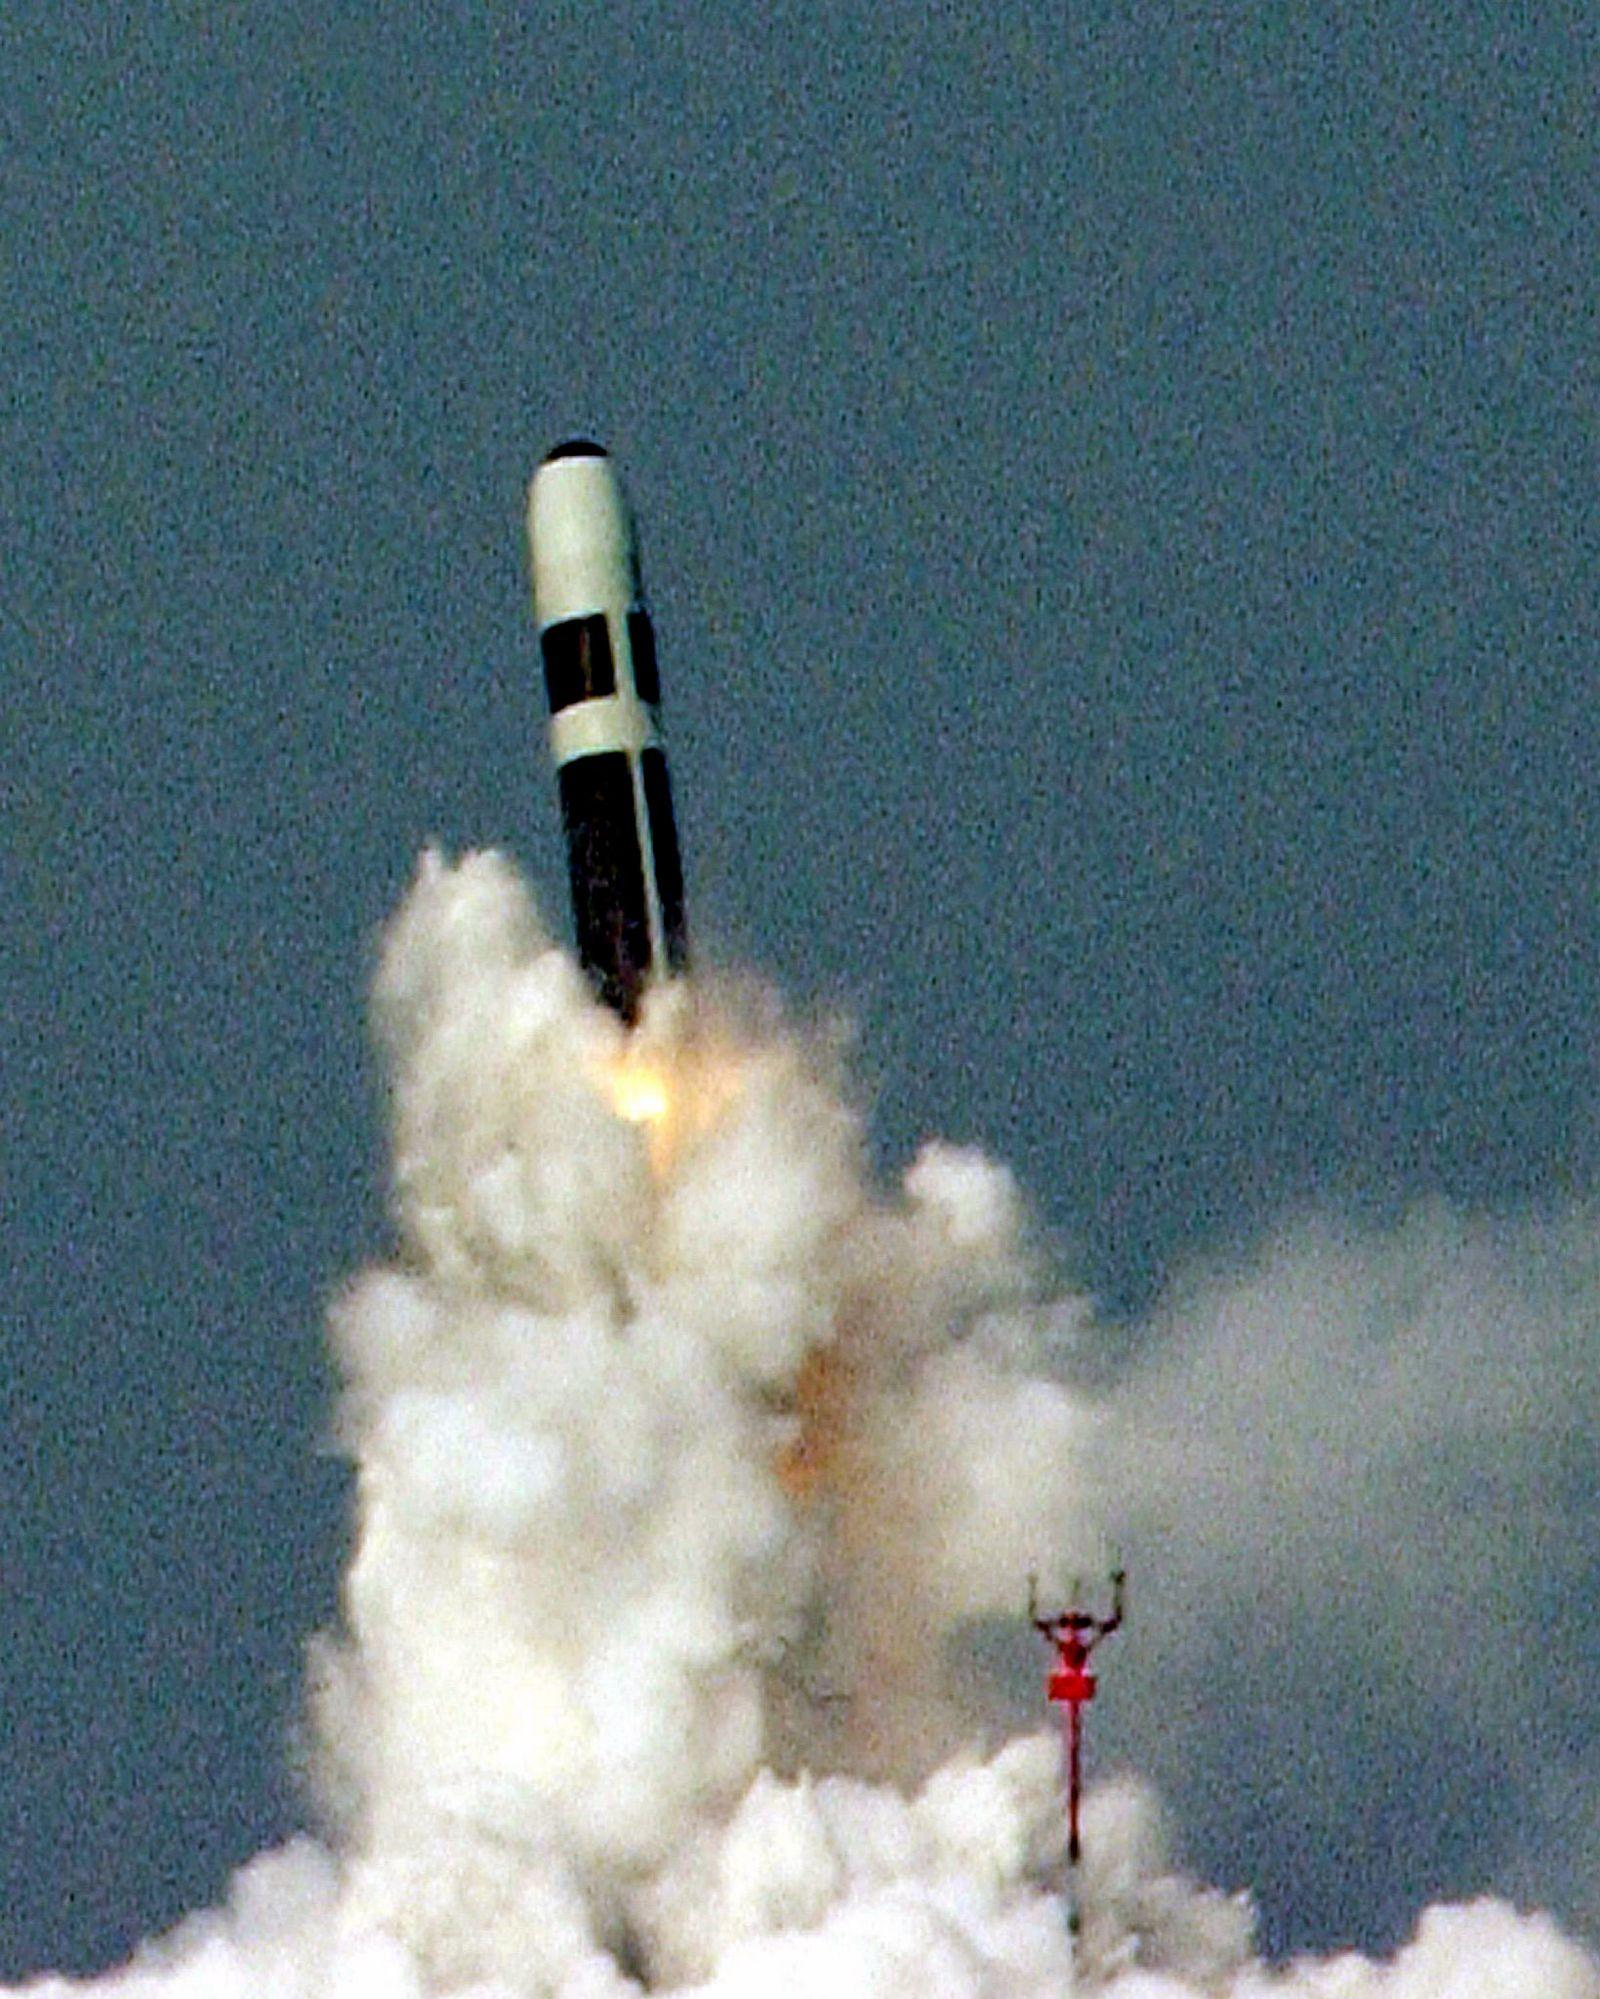 Britisches Militär / Trident Rakete